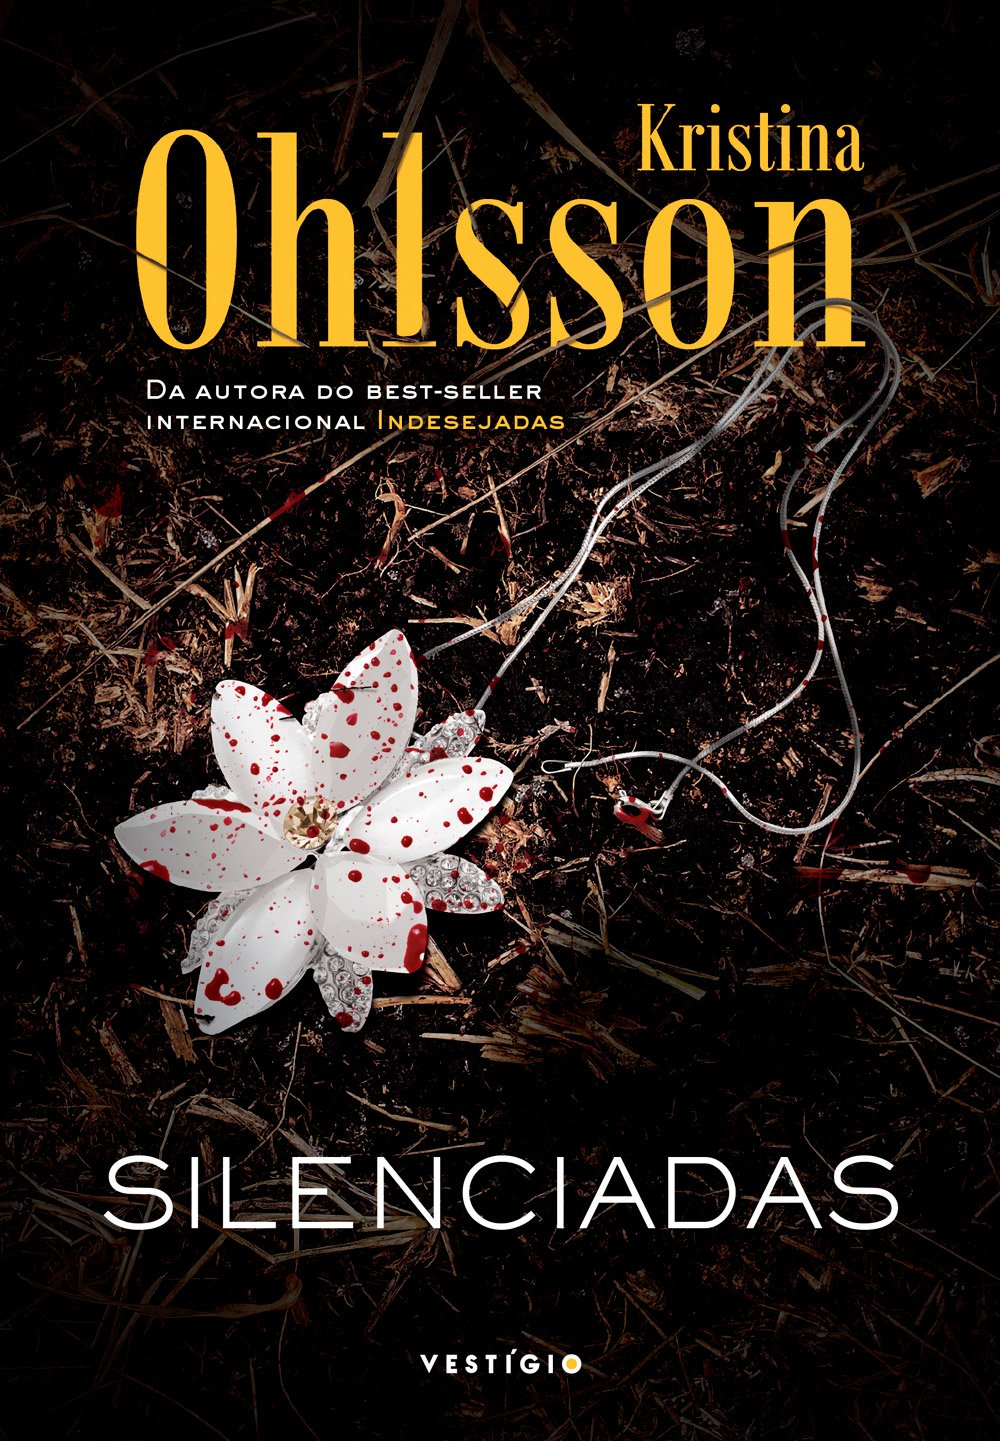 libro silenciadas kristina ohlsson